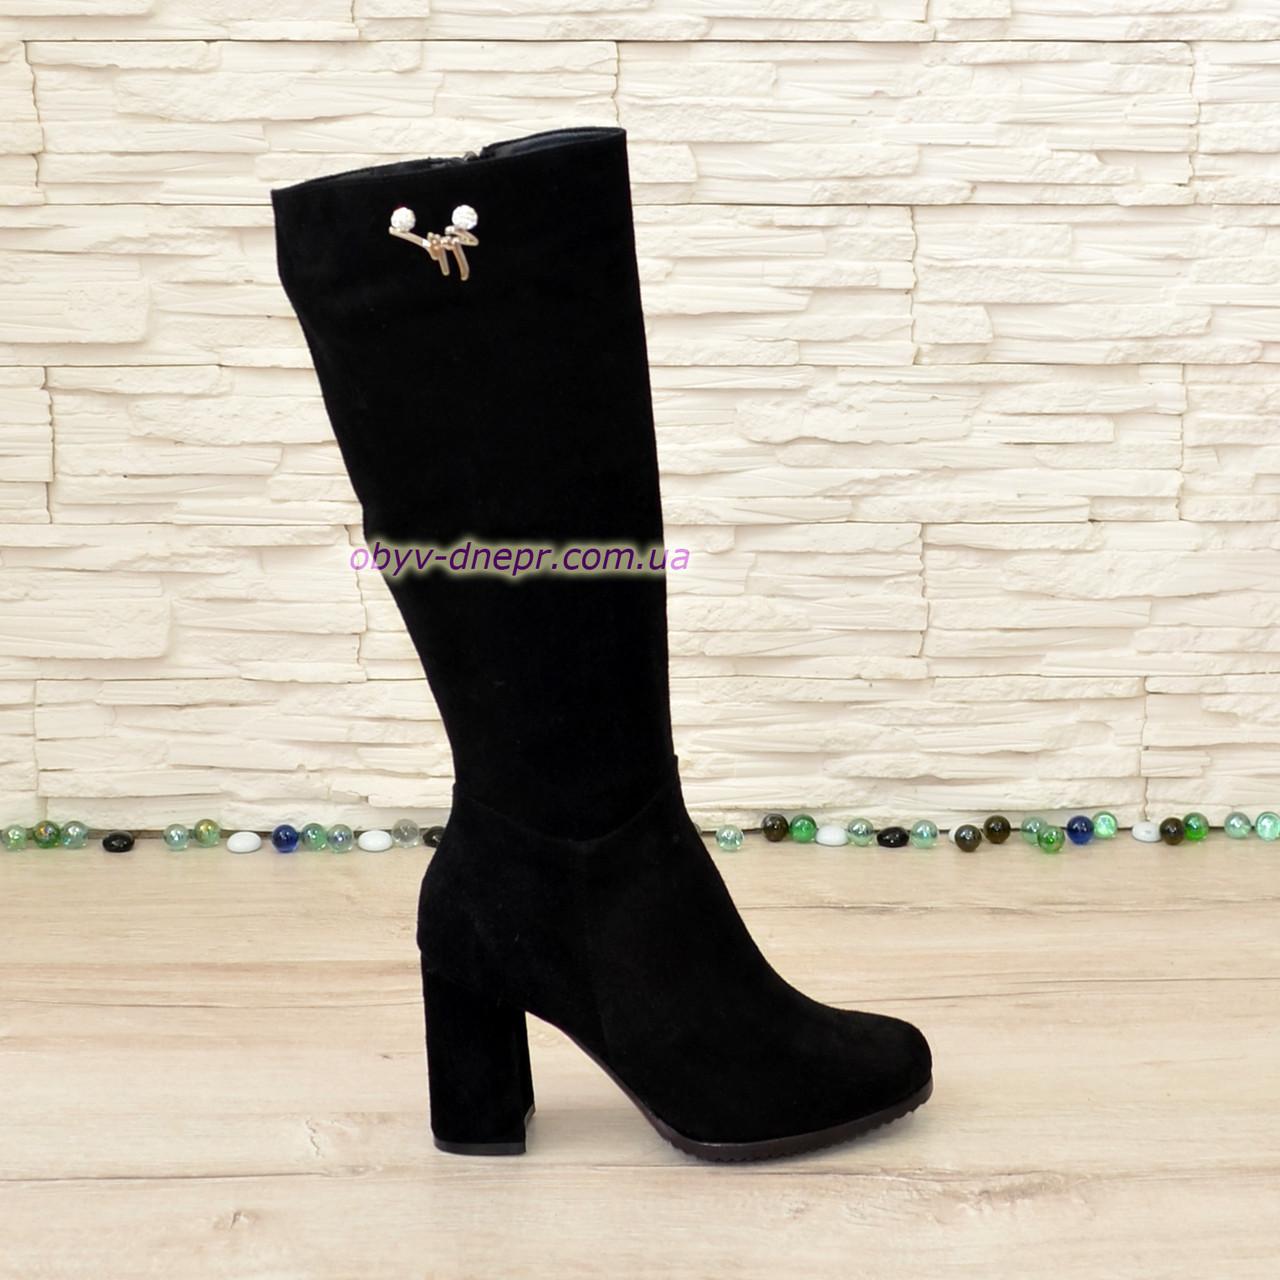 Сапоги замшевые черные на устойчивом каблуке